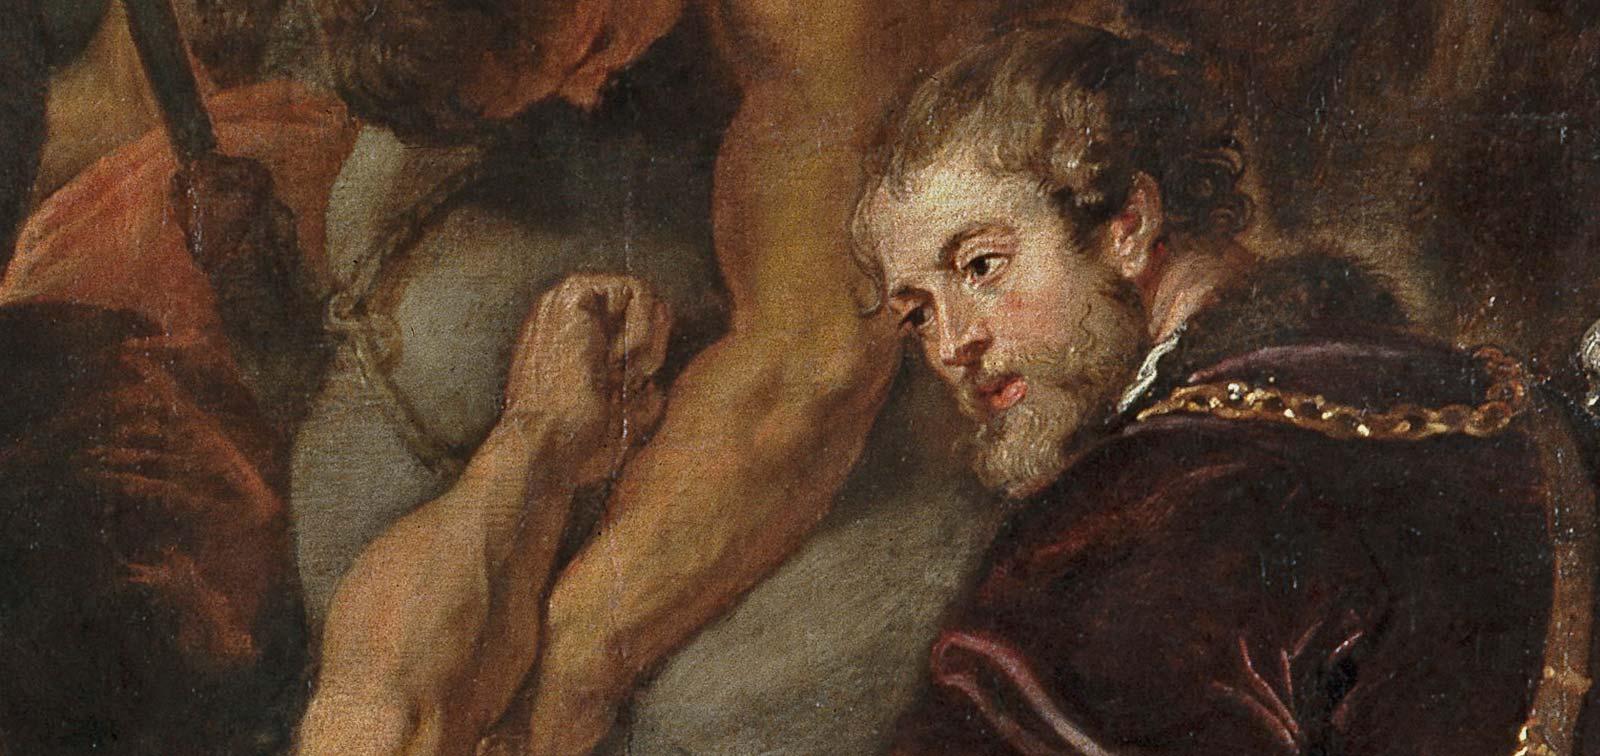 Te quiero en pintura: retratos con emoción. Parada II. Rubens